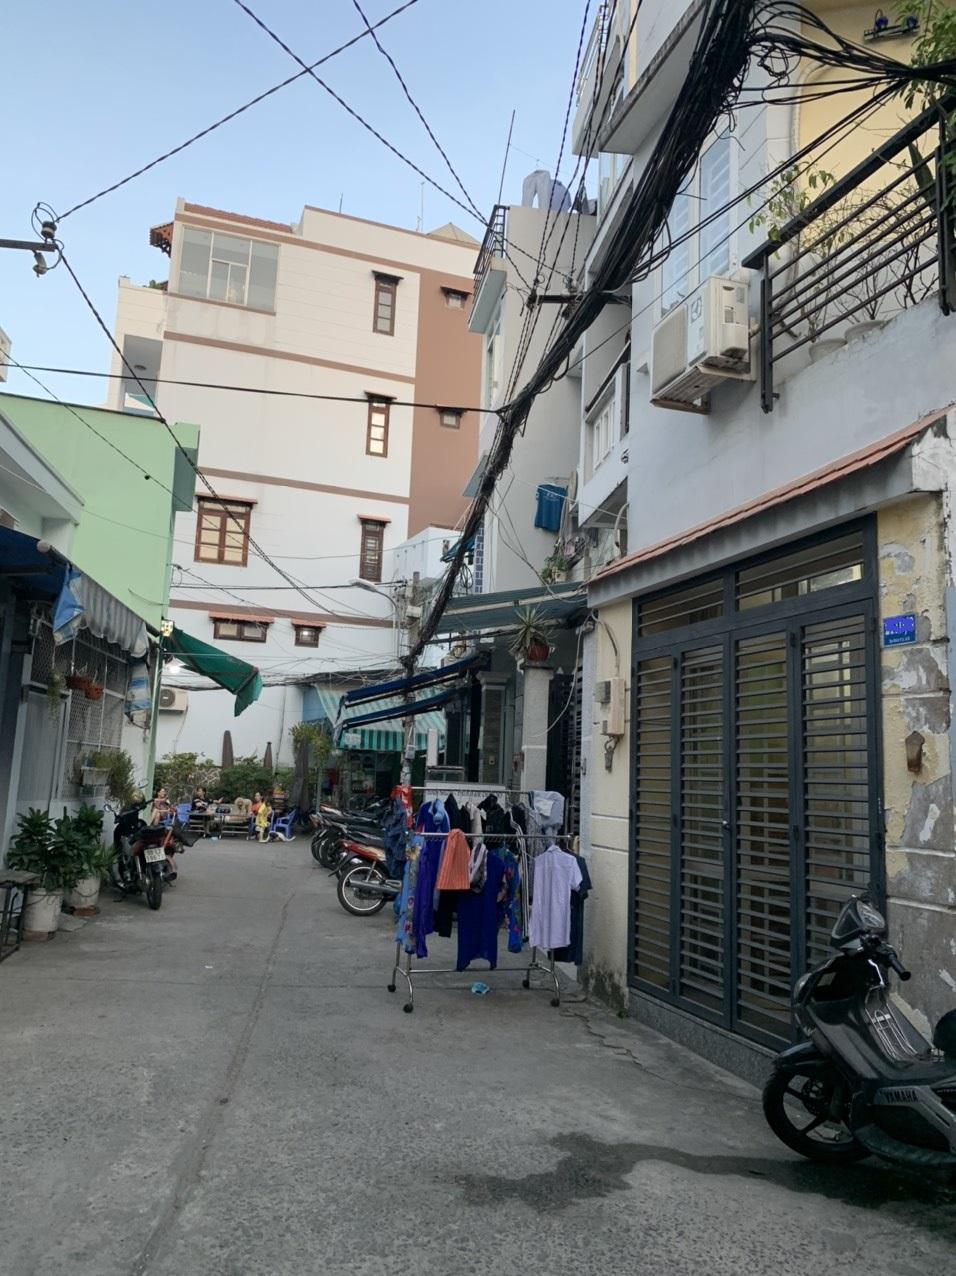 Bán nhà Hẻm xe hơi đường Ba Đình phường 8 Quận 8 giá rẻ